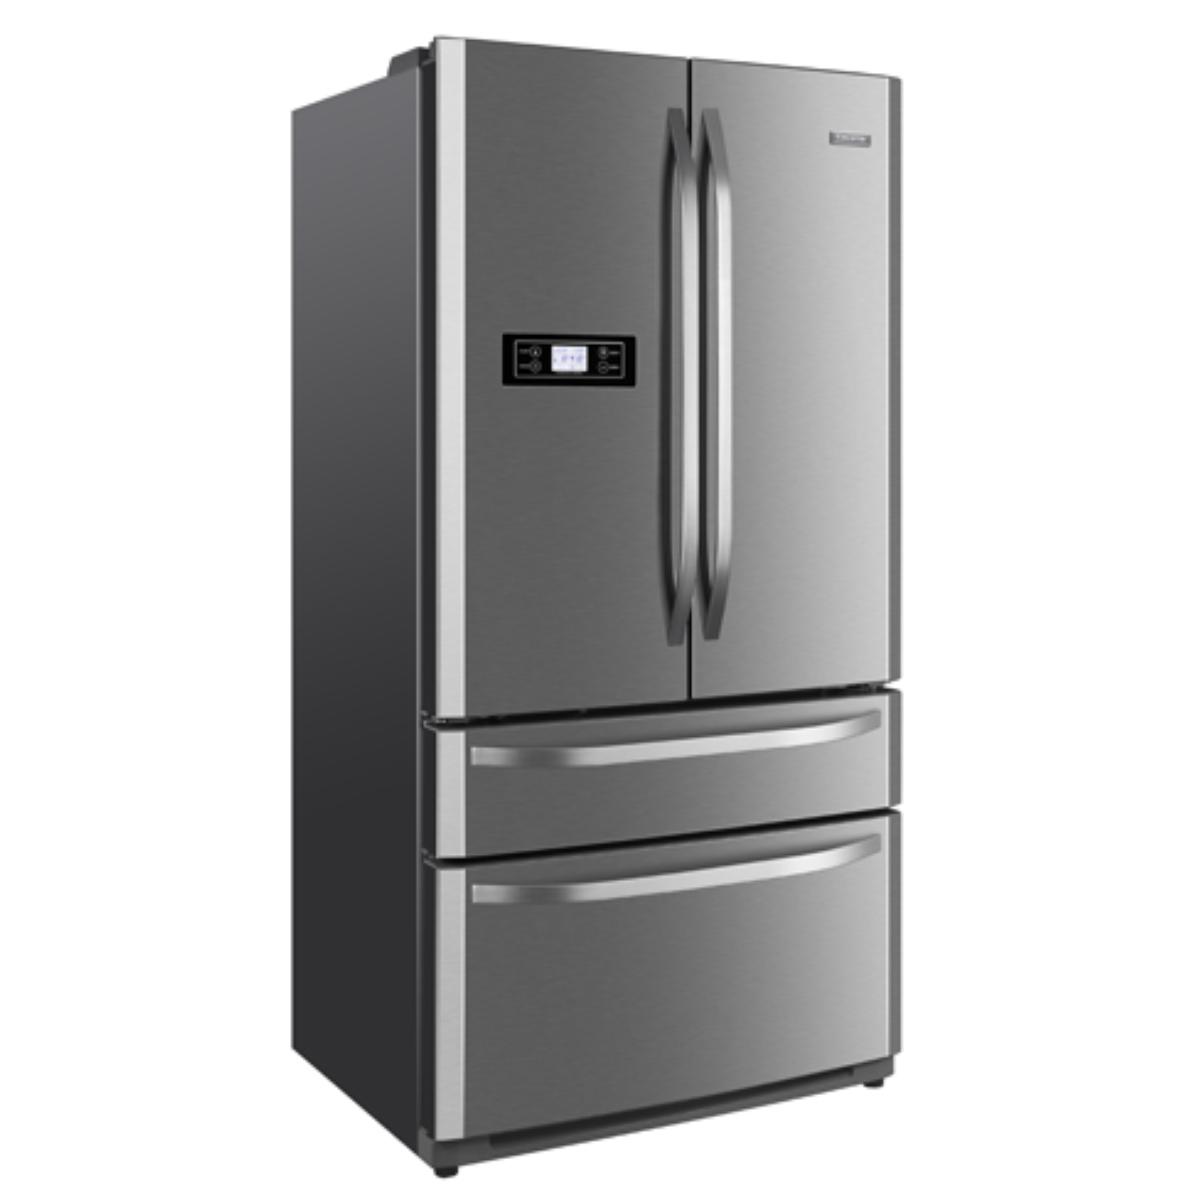 家用冰箱如何选择更合适?